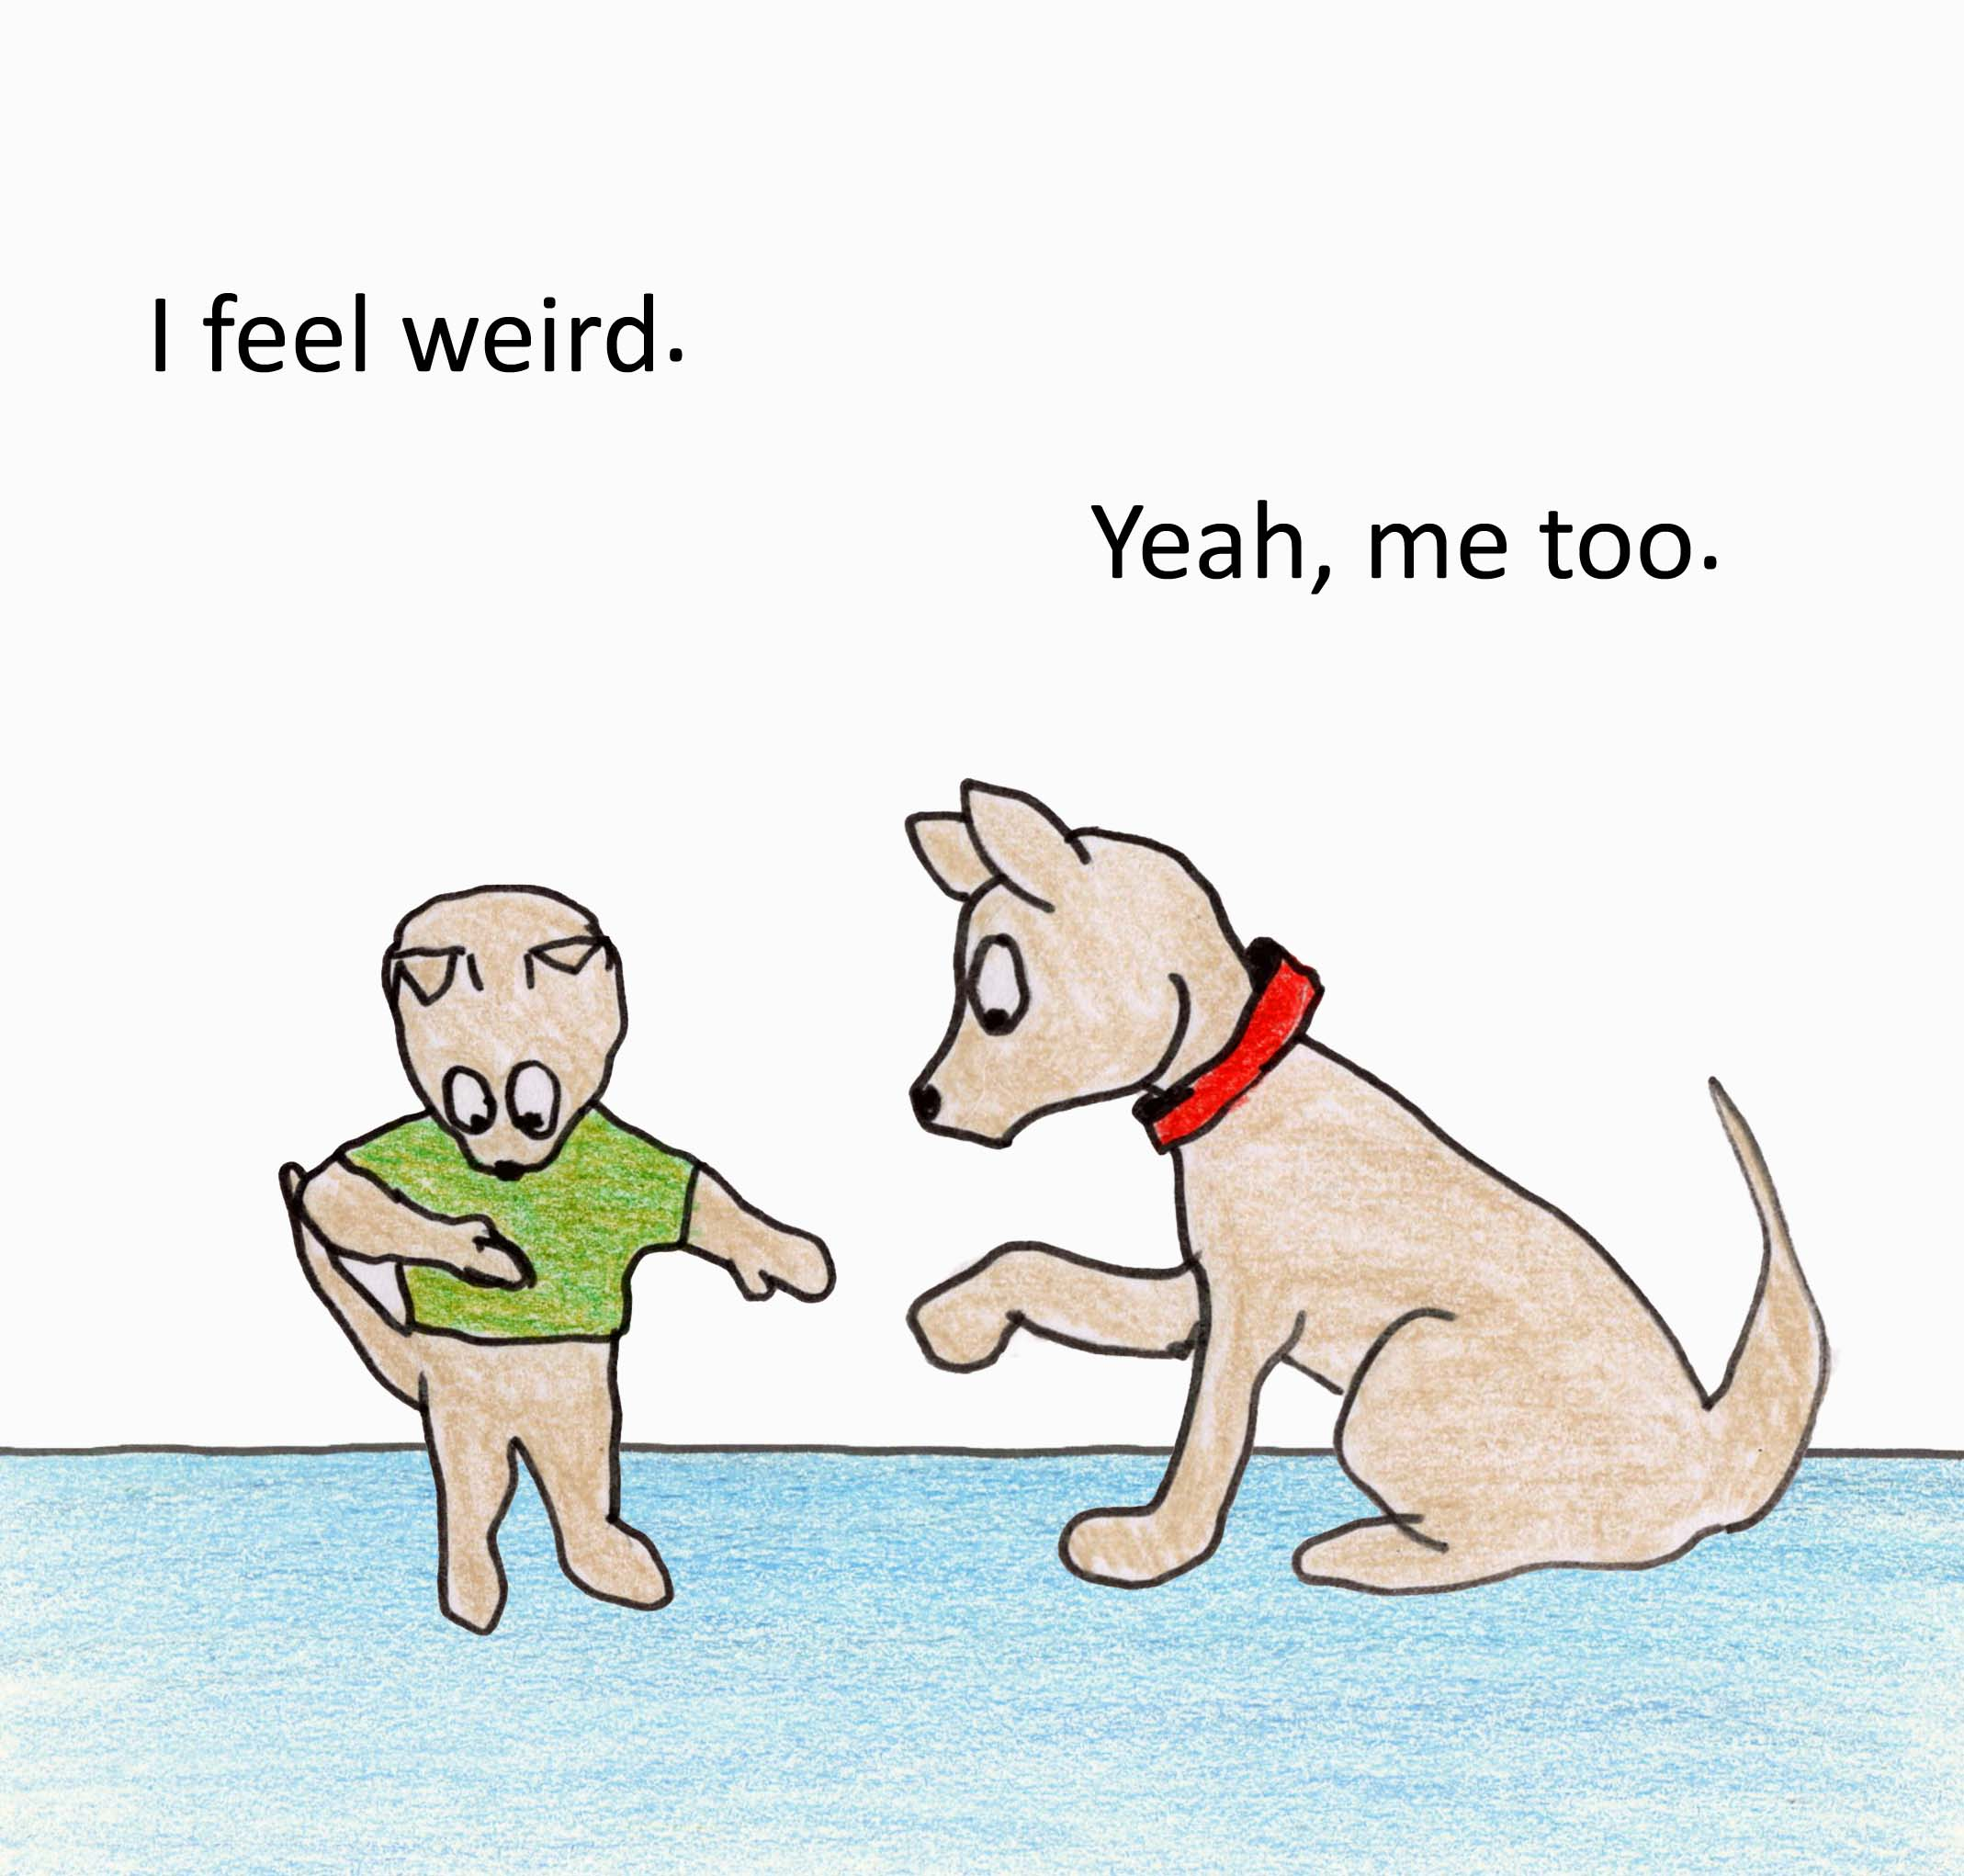 I feel weird. Yeah, me too.